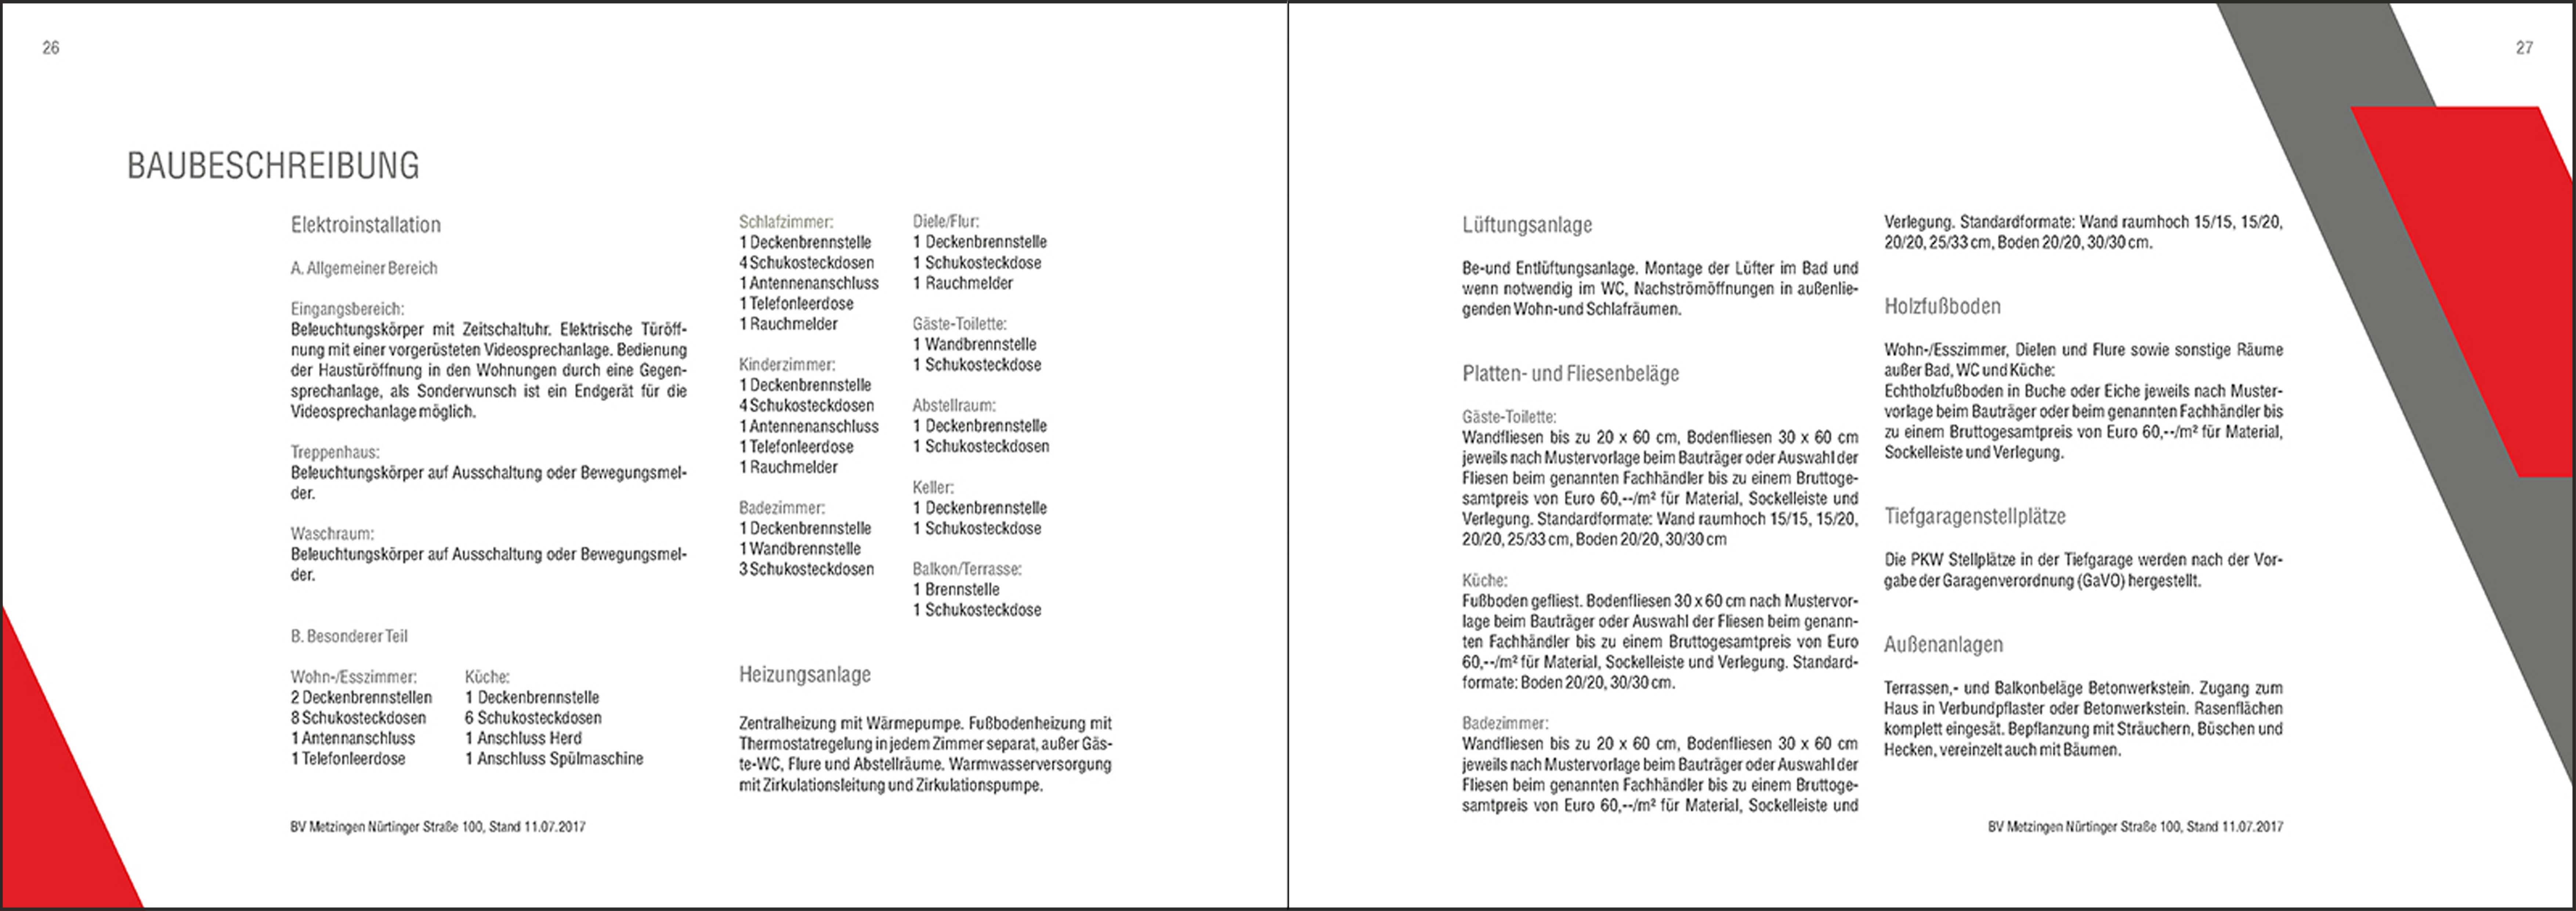 Englert-Wohnbau_BV-Metzingen-Nuertinger-Straße-Seite-26-27